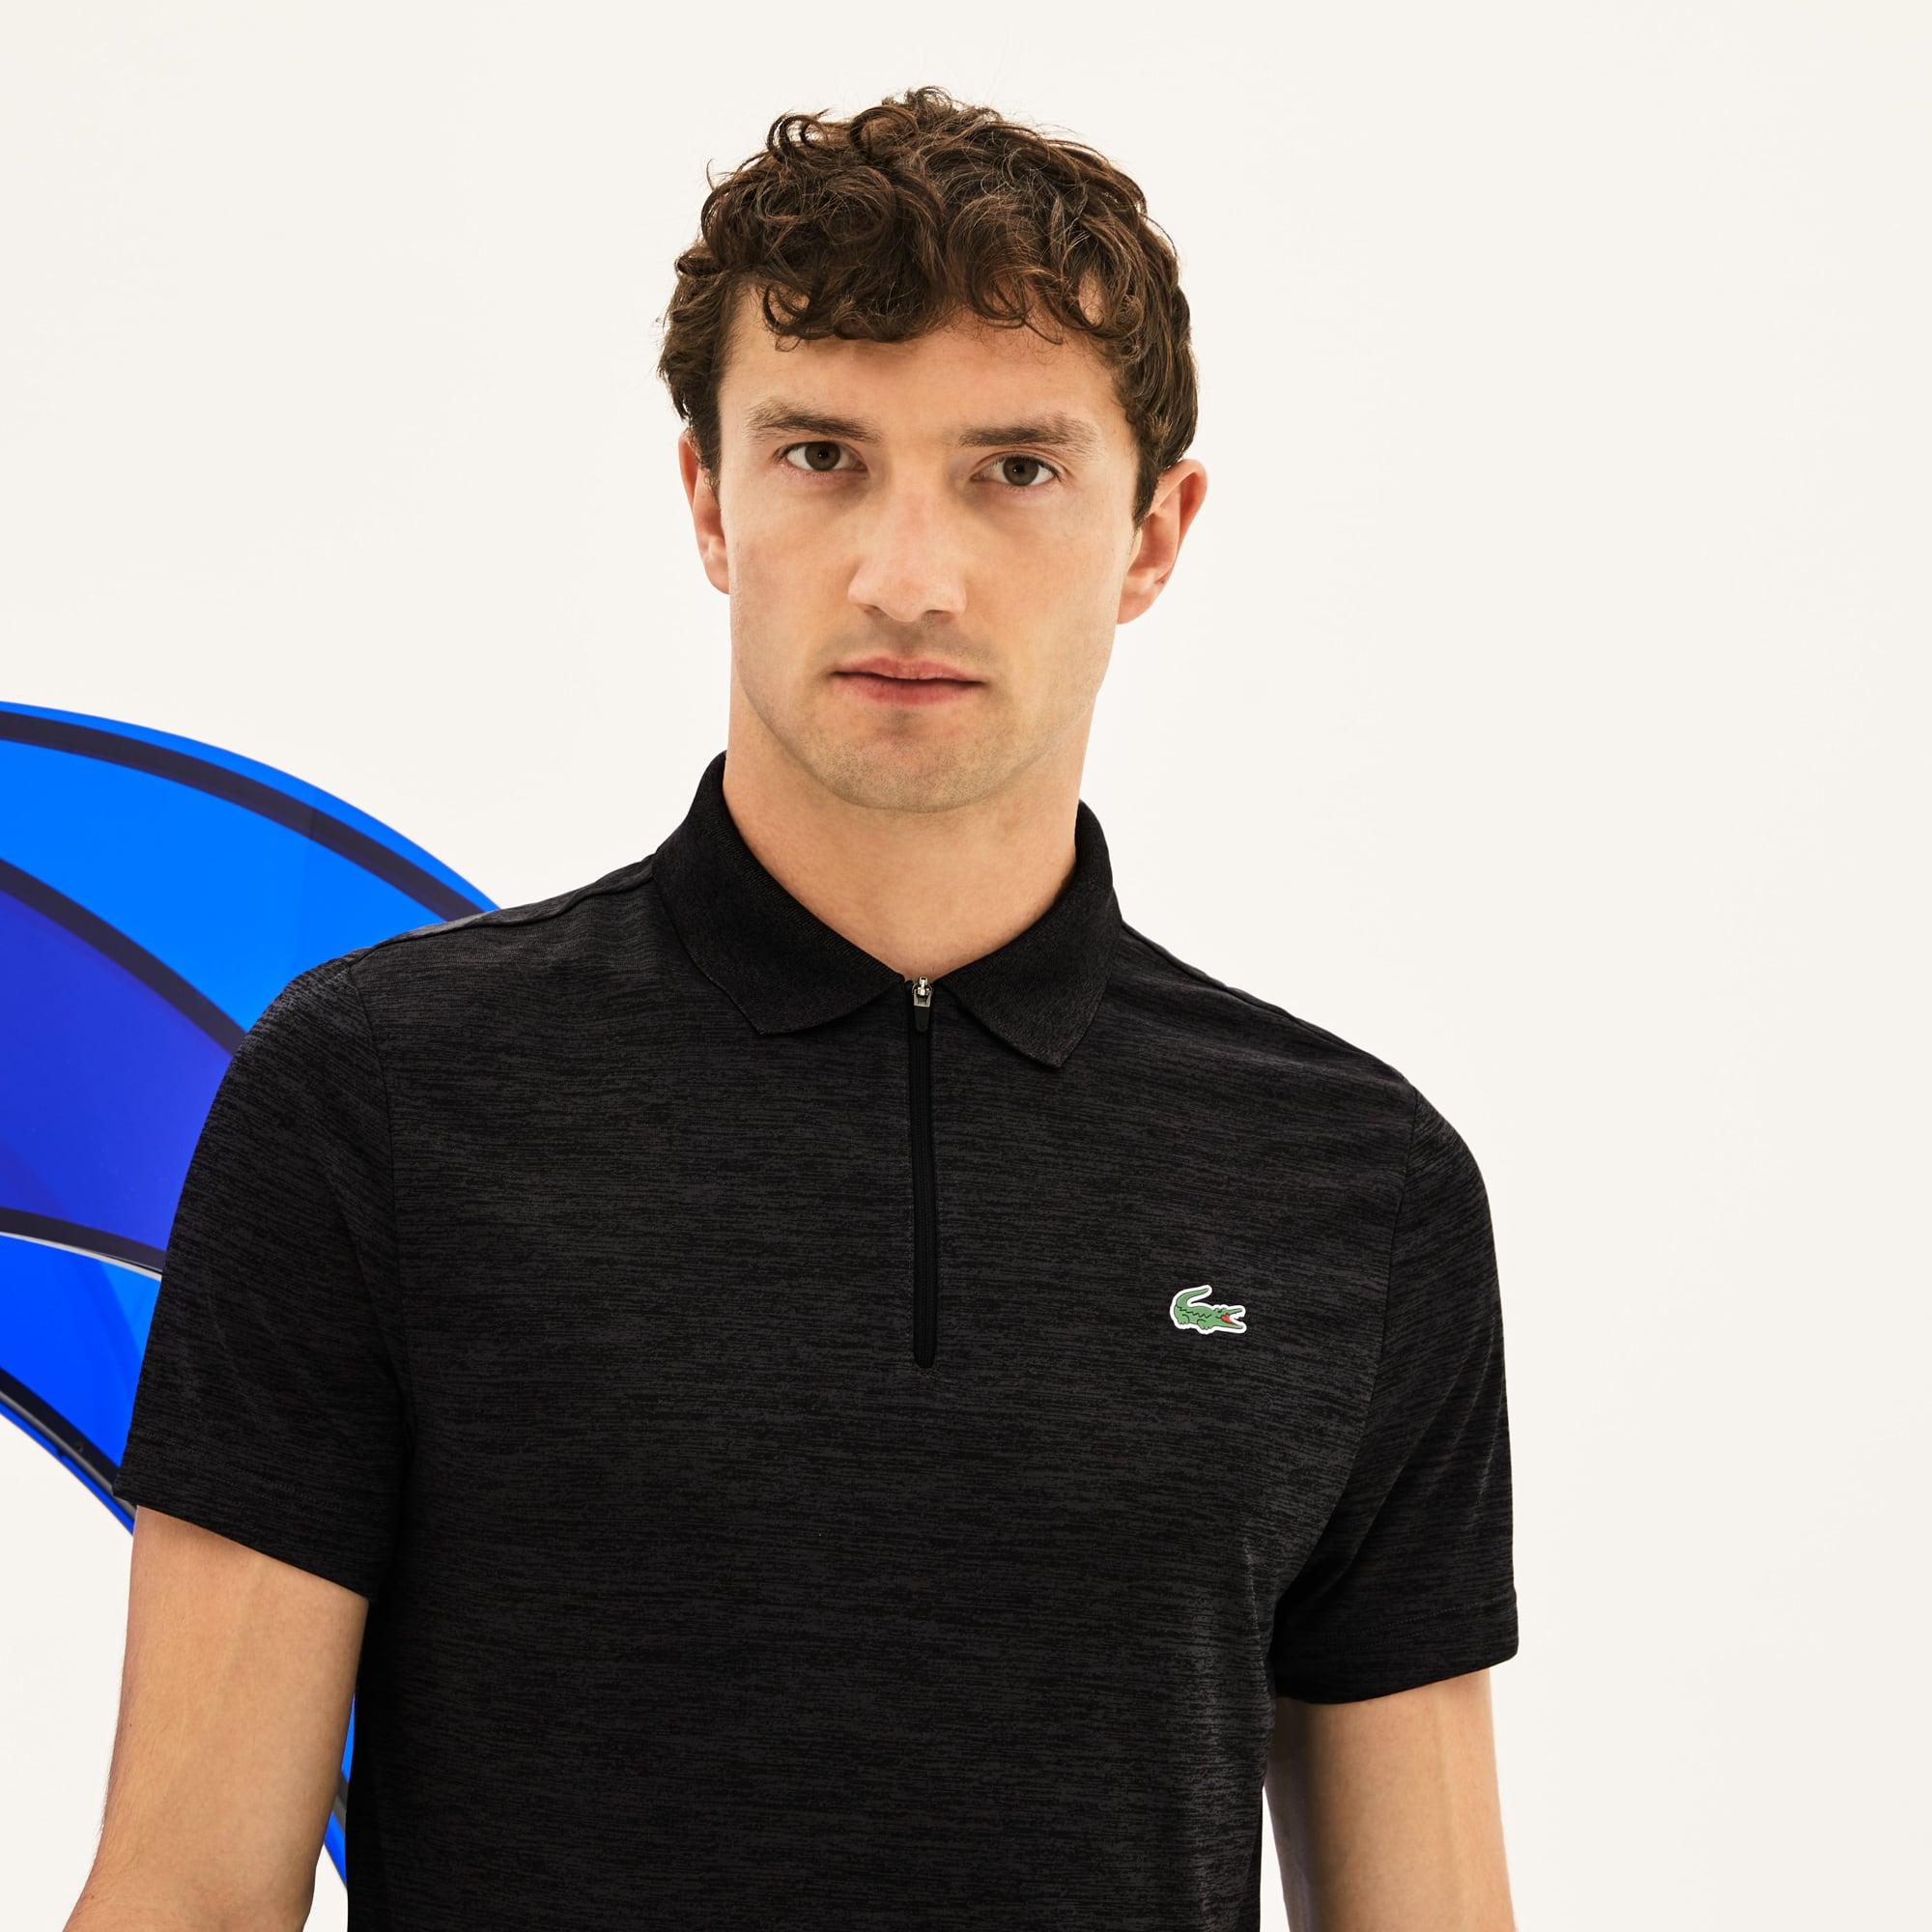 Polo Lacoste SPORT coleção Novak Djokovic - Off Court em jersey técnico mesclado